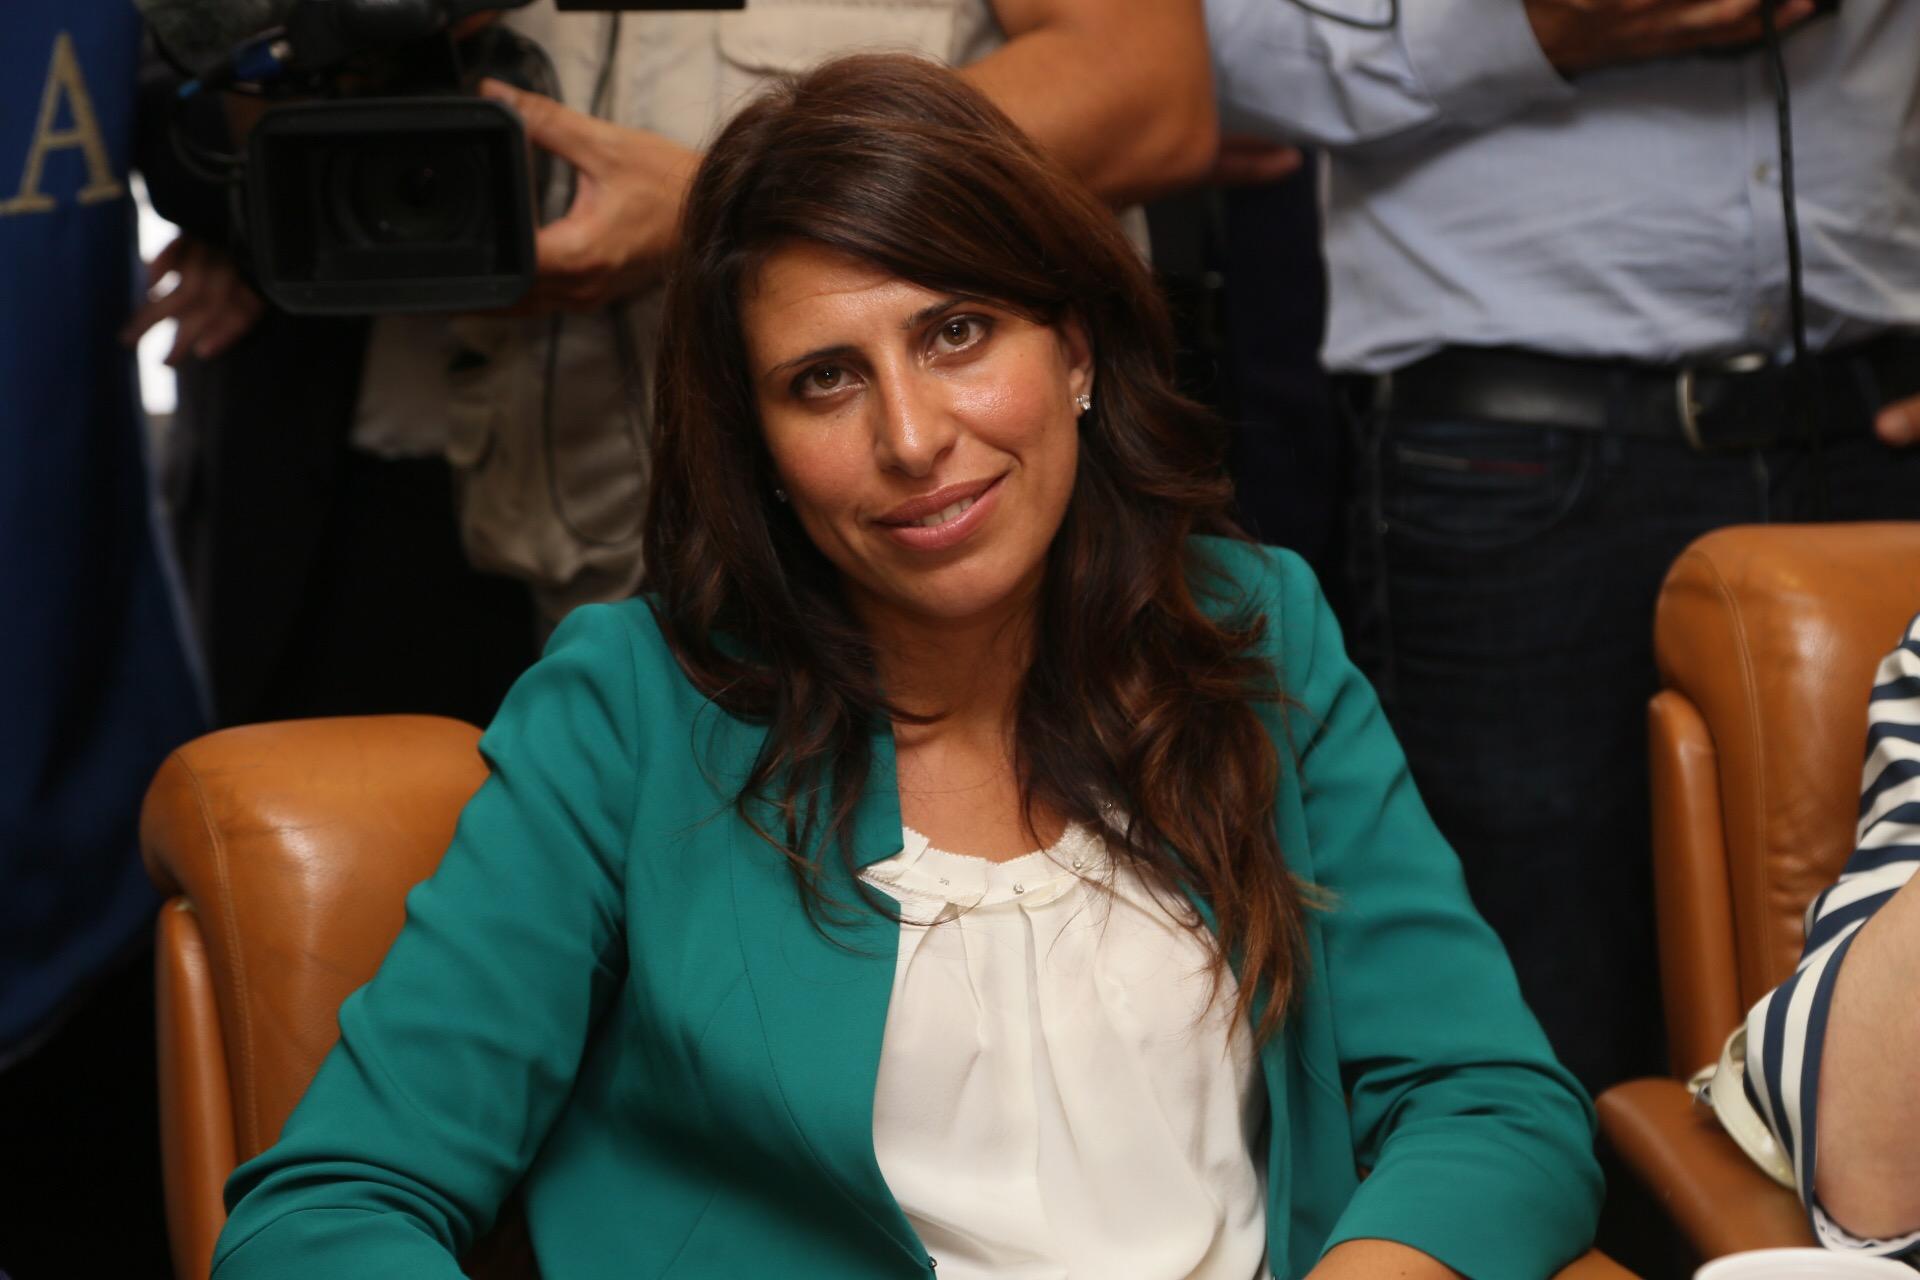 L�Assessore Federica Roccisano sugli affidi: la Regione ha trasferito ai Comuni le risorse economiche